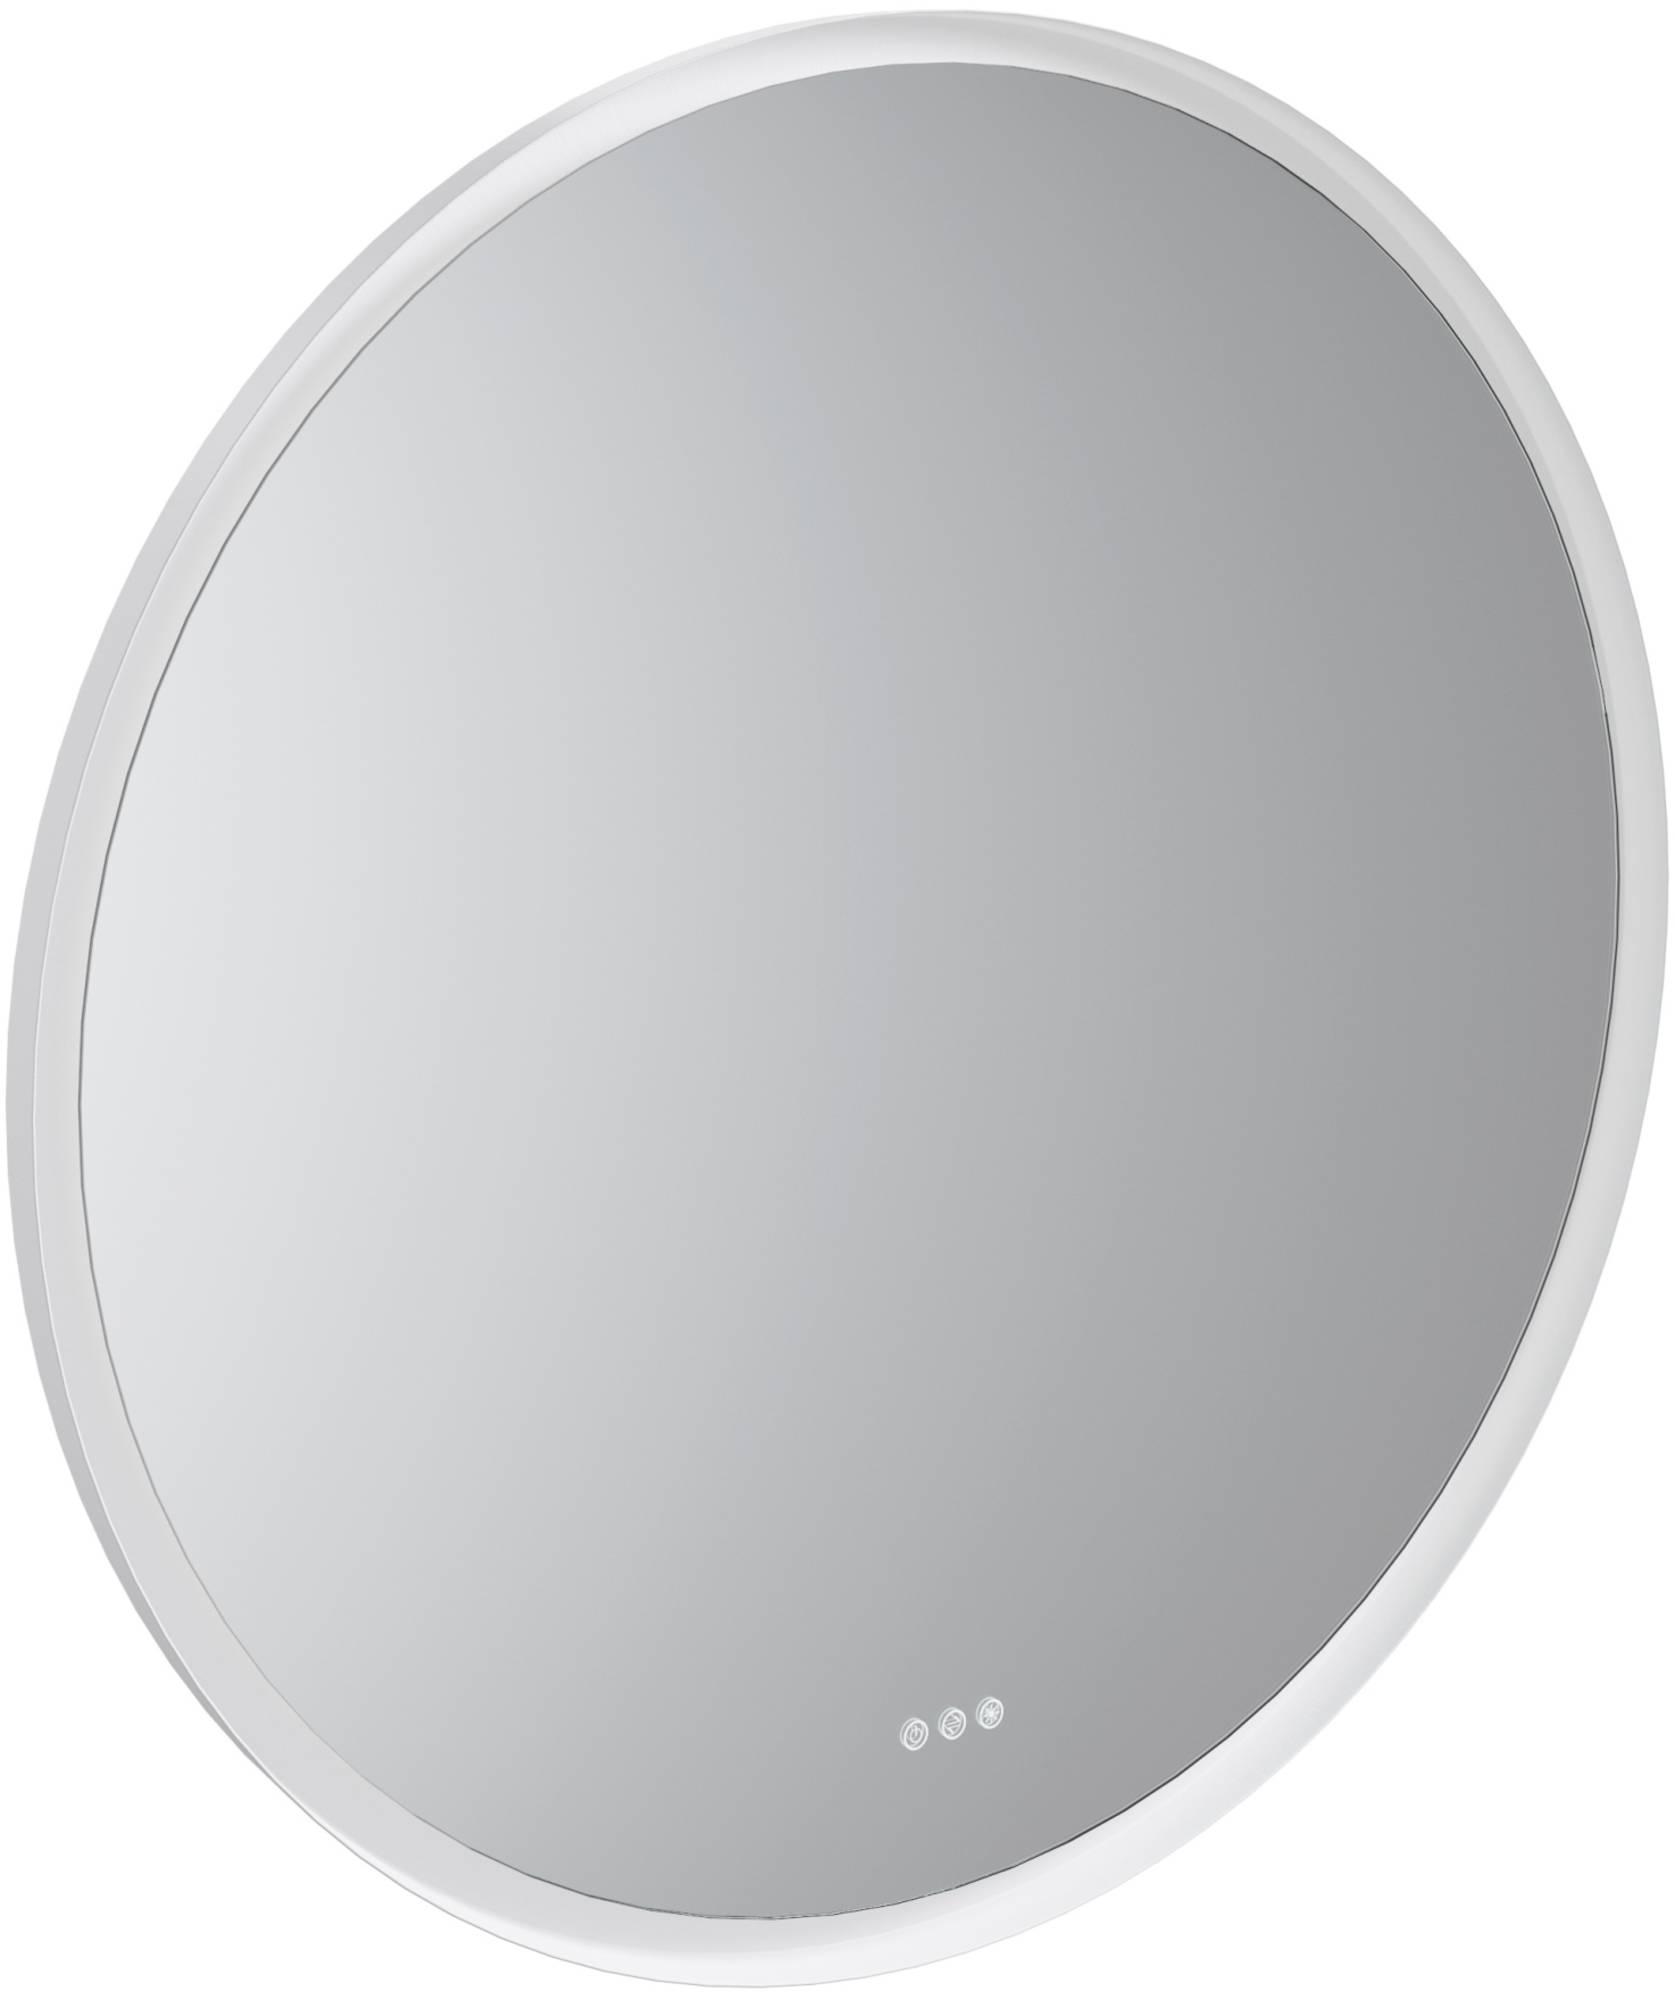 Thebalux Giro Spiegel Ø 110x4 cm Wit